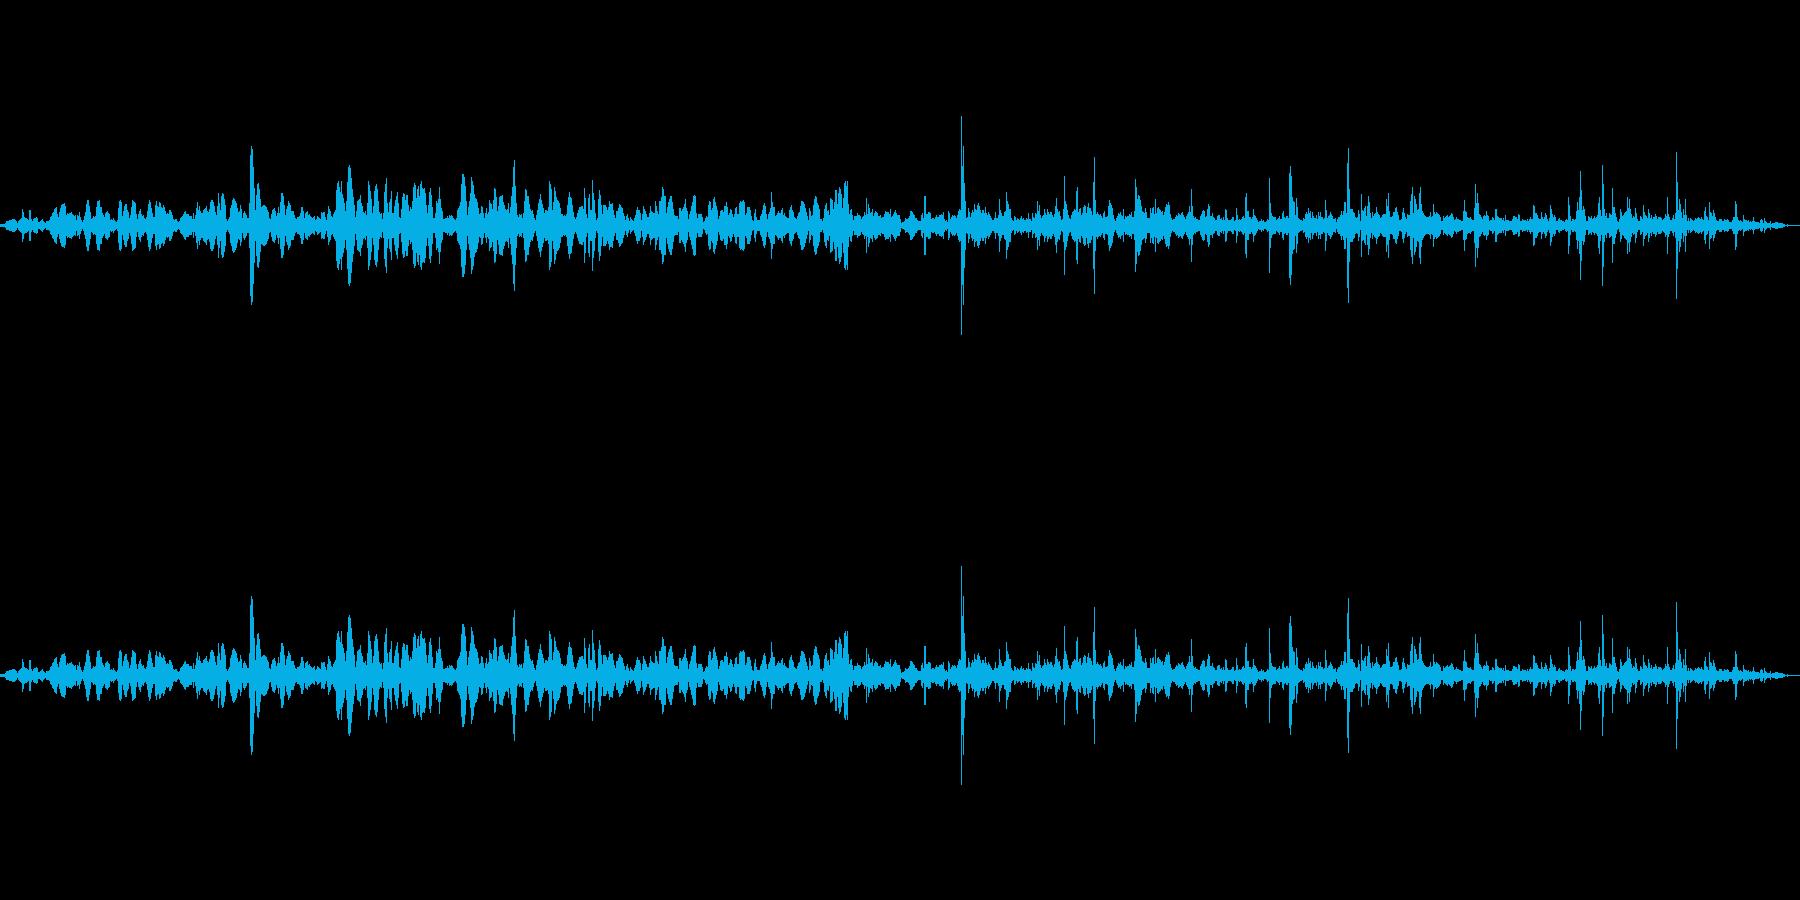 鍋を煮込む音の再生済みの波形